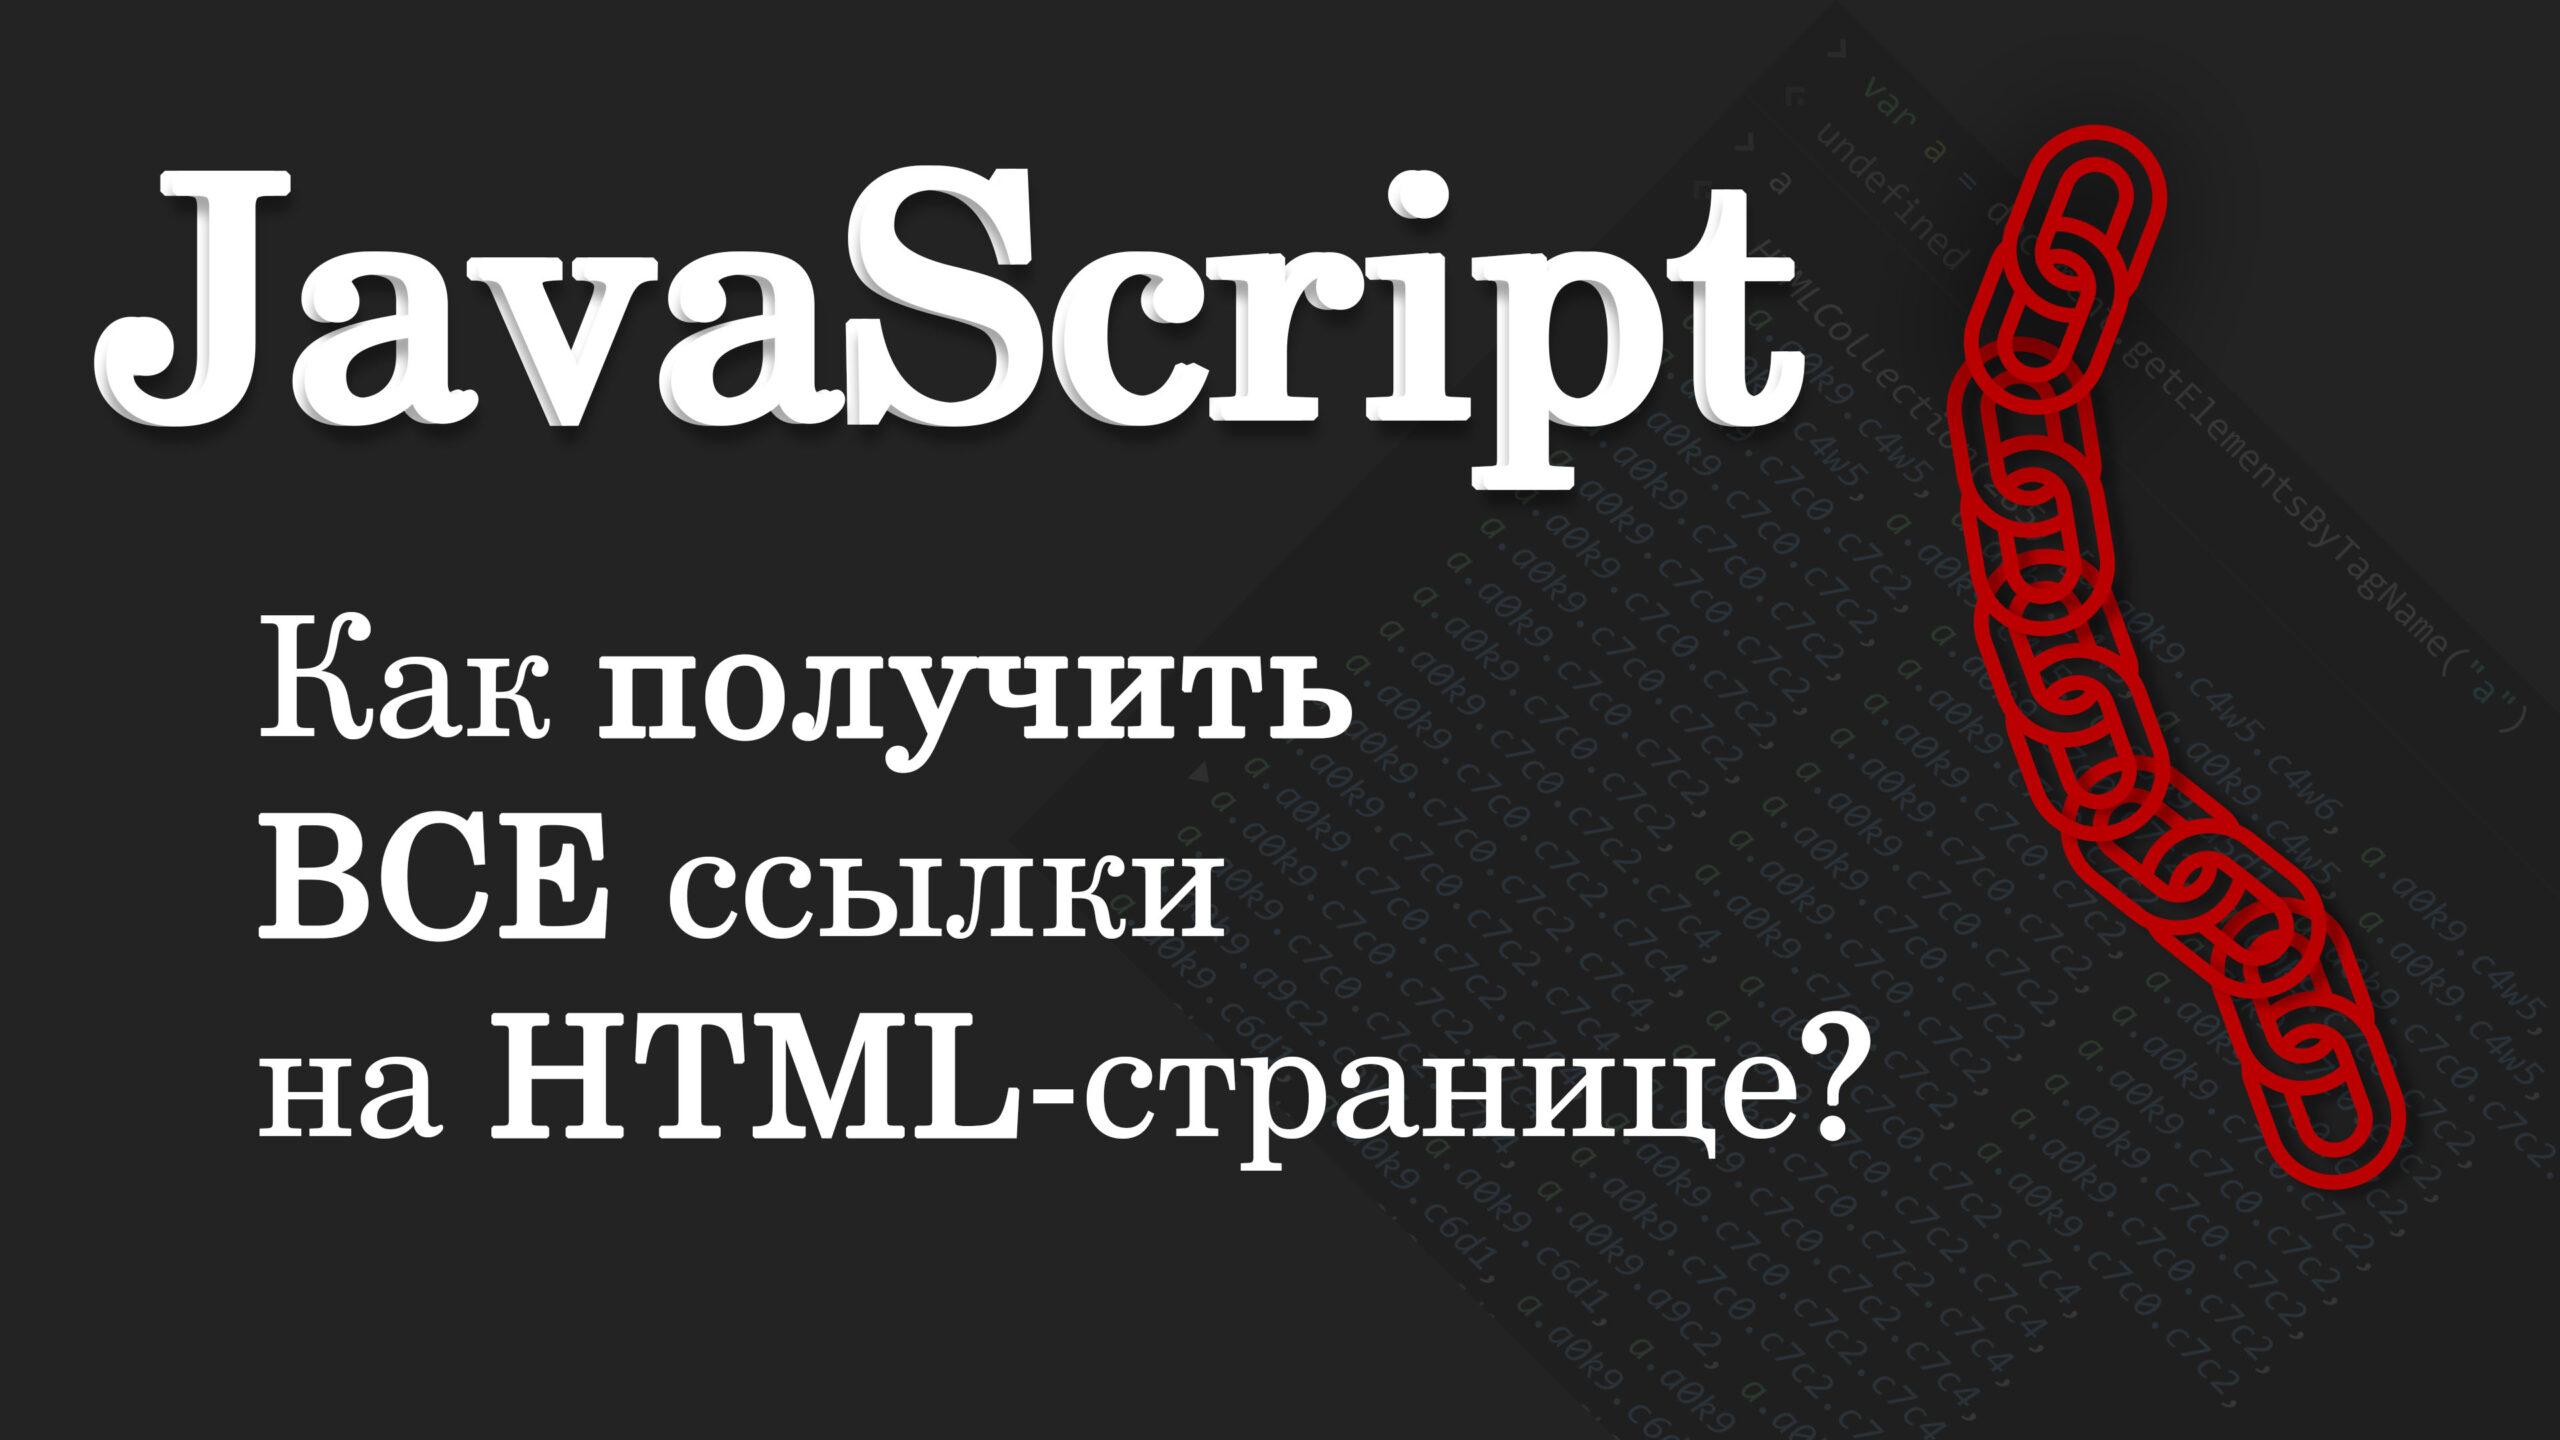 Как получить все ссылки на HTML-странице - JavaScript